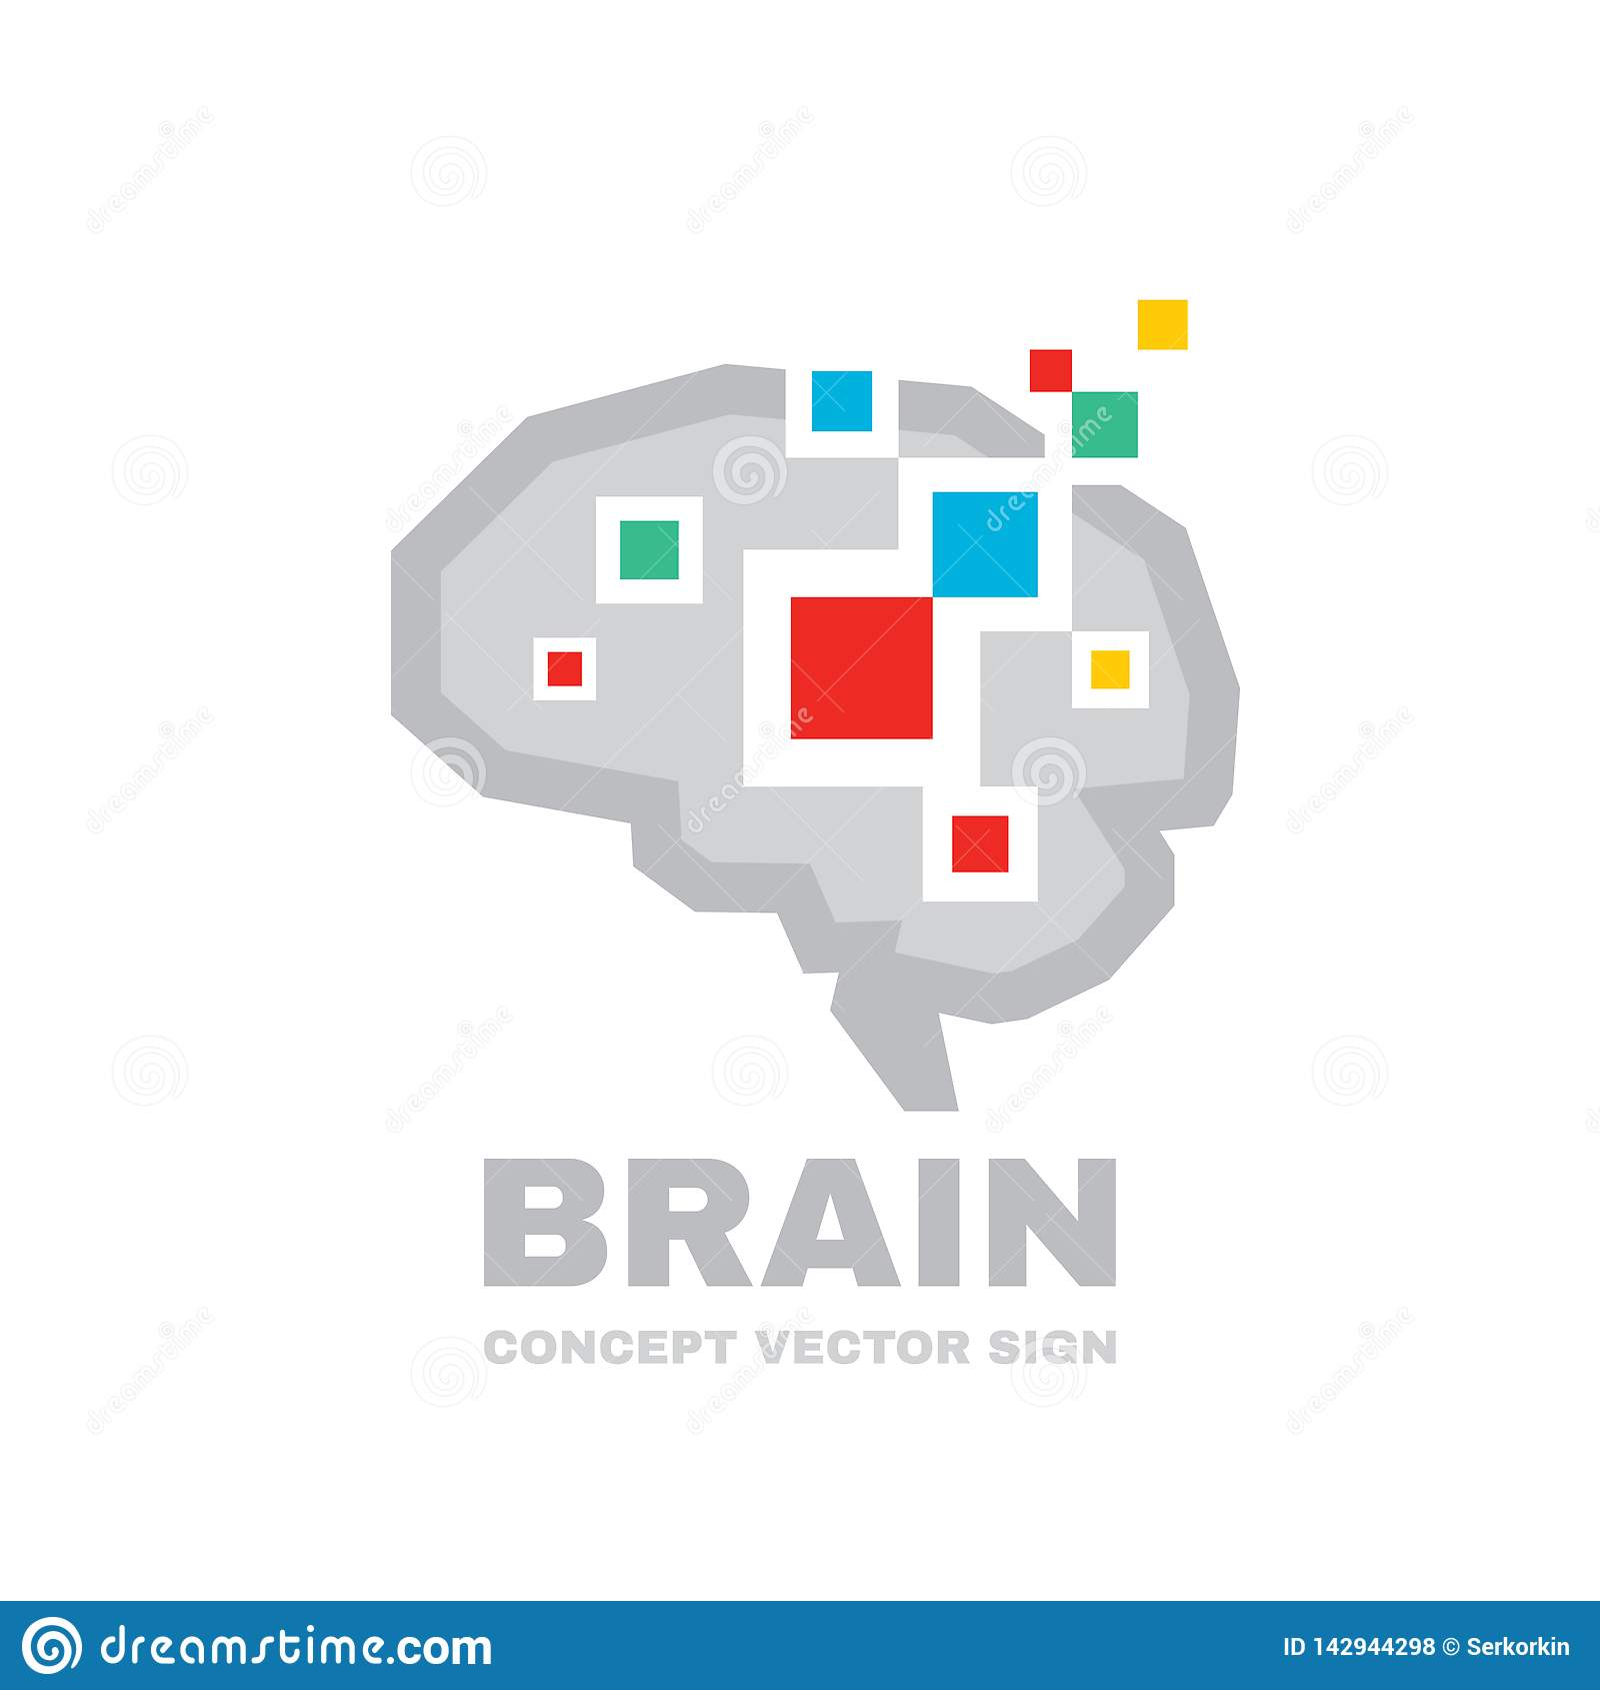 人脑-商业矢量徽标模板概念图示 抽象几何结构 心智教育符号 图解